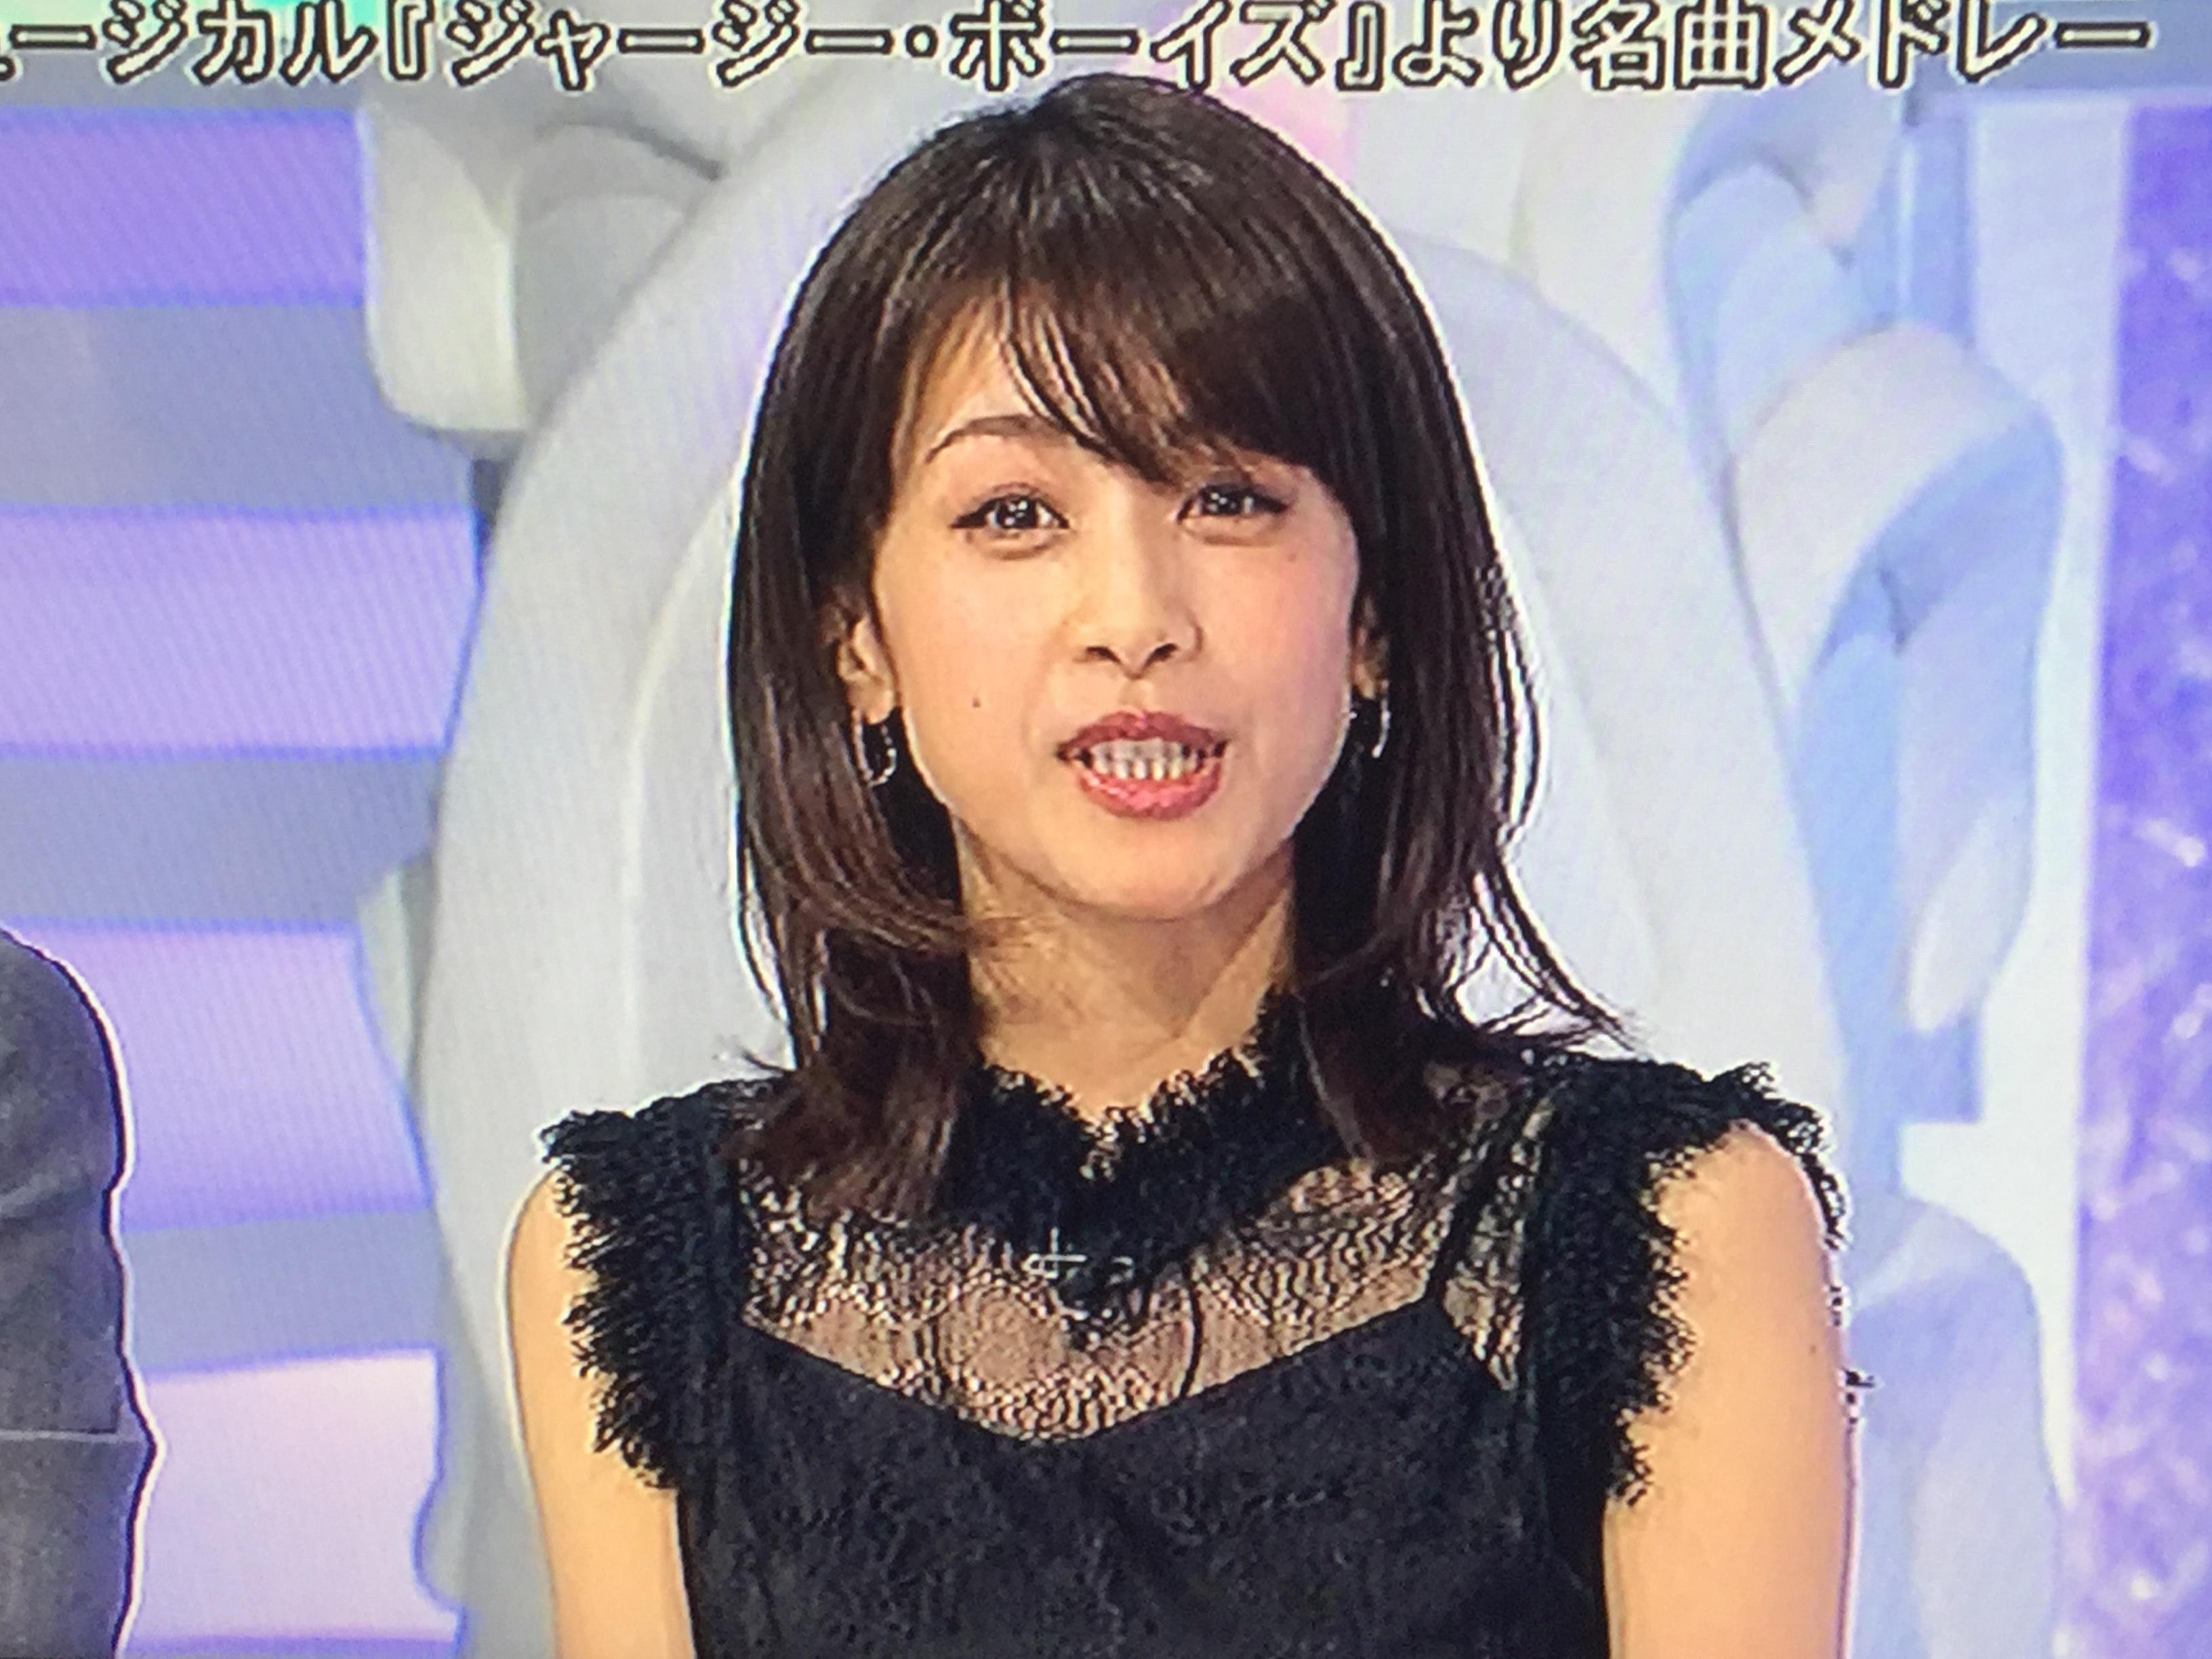 加藤 綾子 衣装